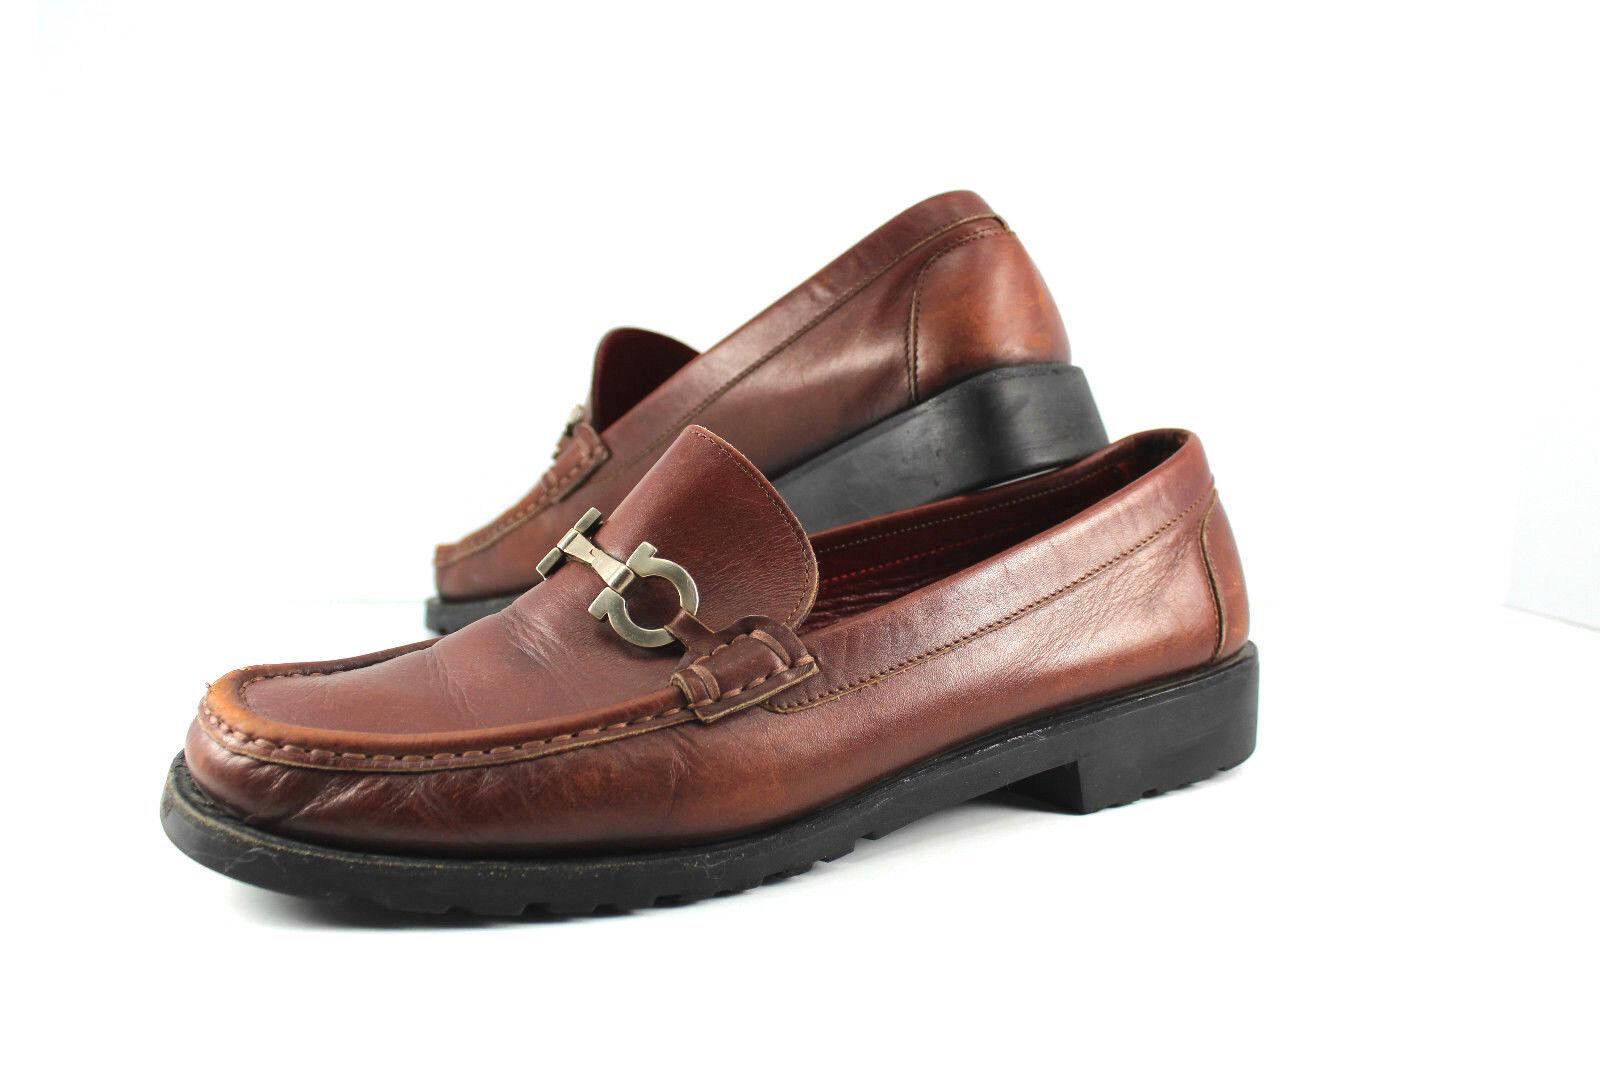 Salvatore Ferragamo Mujer Mujer Mujer Sport 9.5 Zapato Mocasín Marrón oscuro caballo poco Usado En Excelente Condición  disfrutando de sus compras